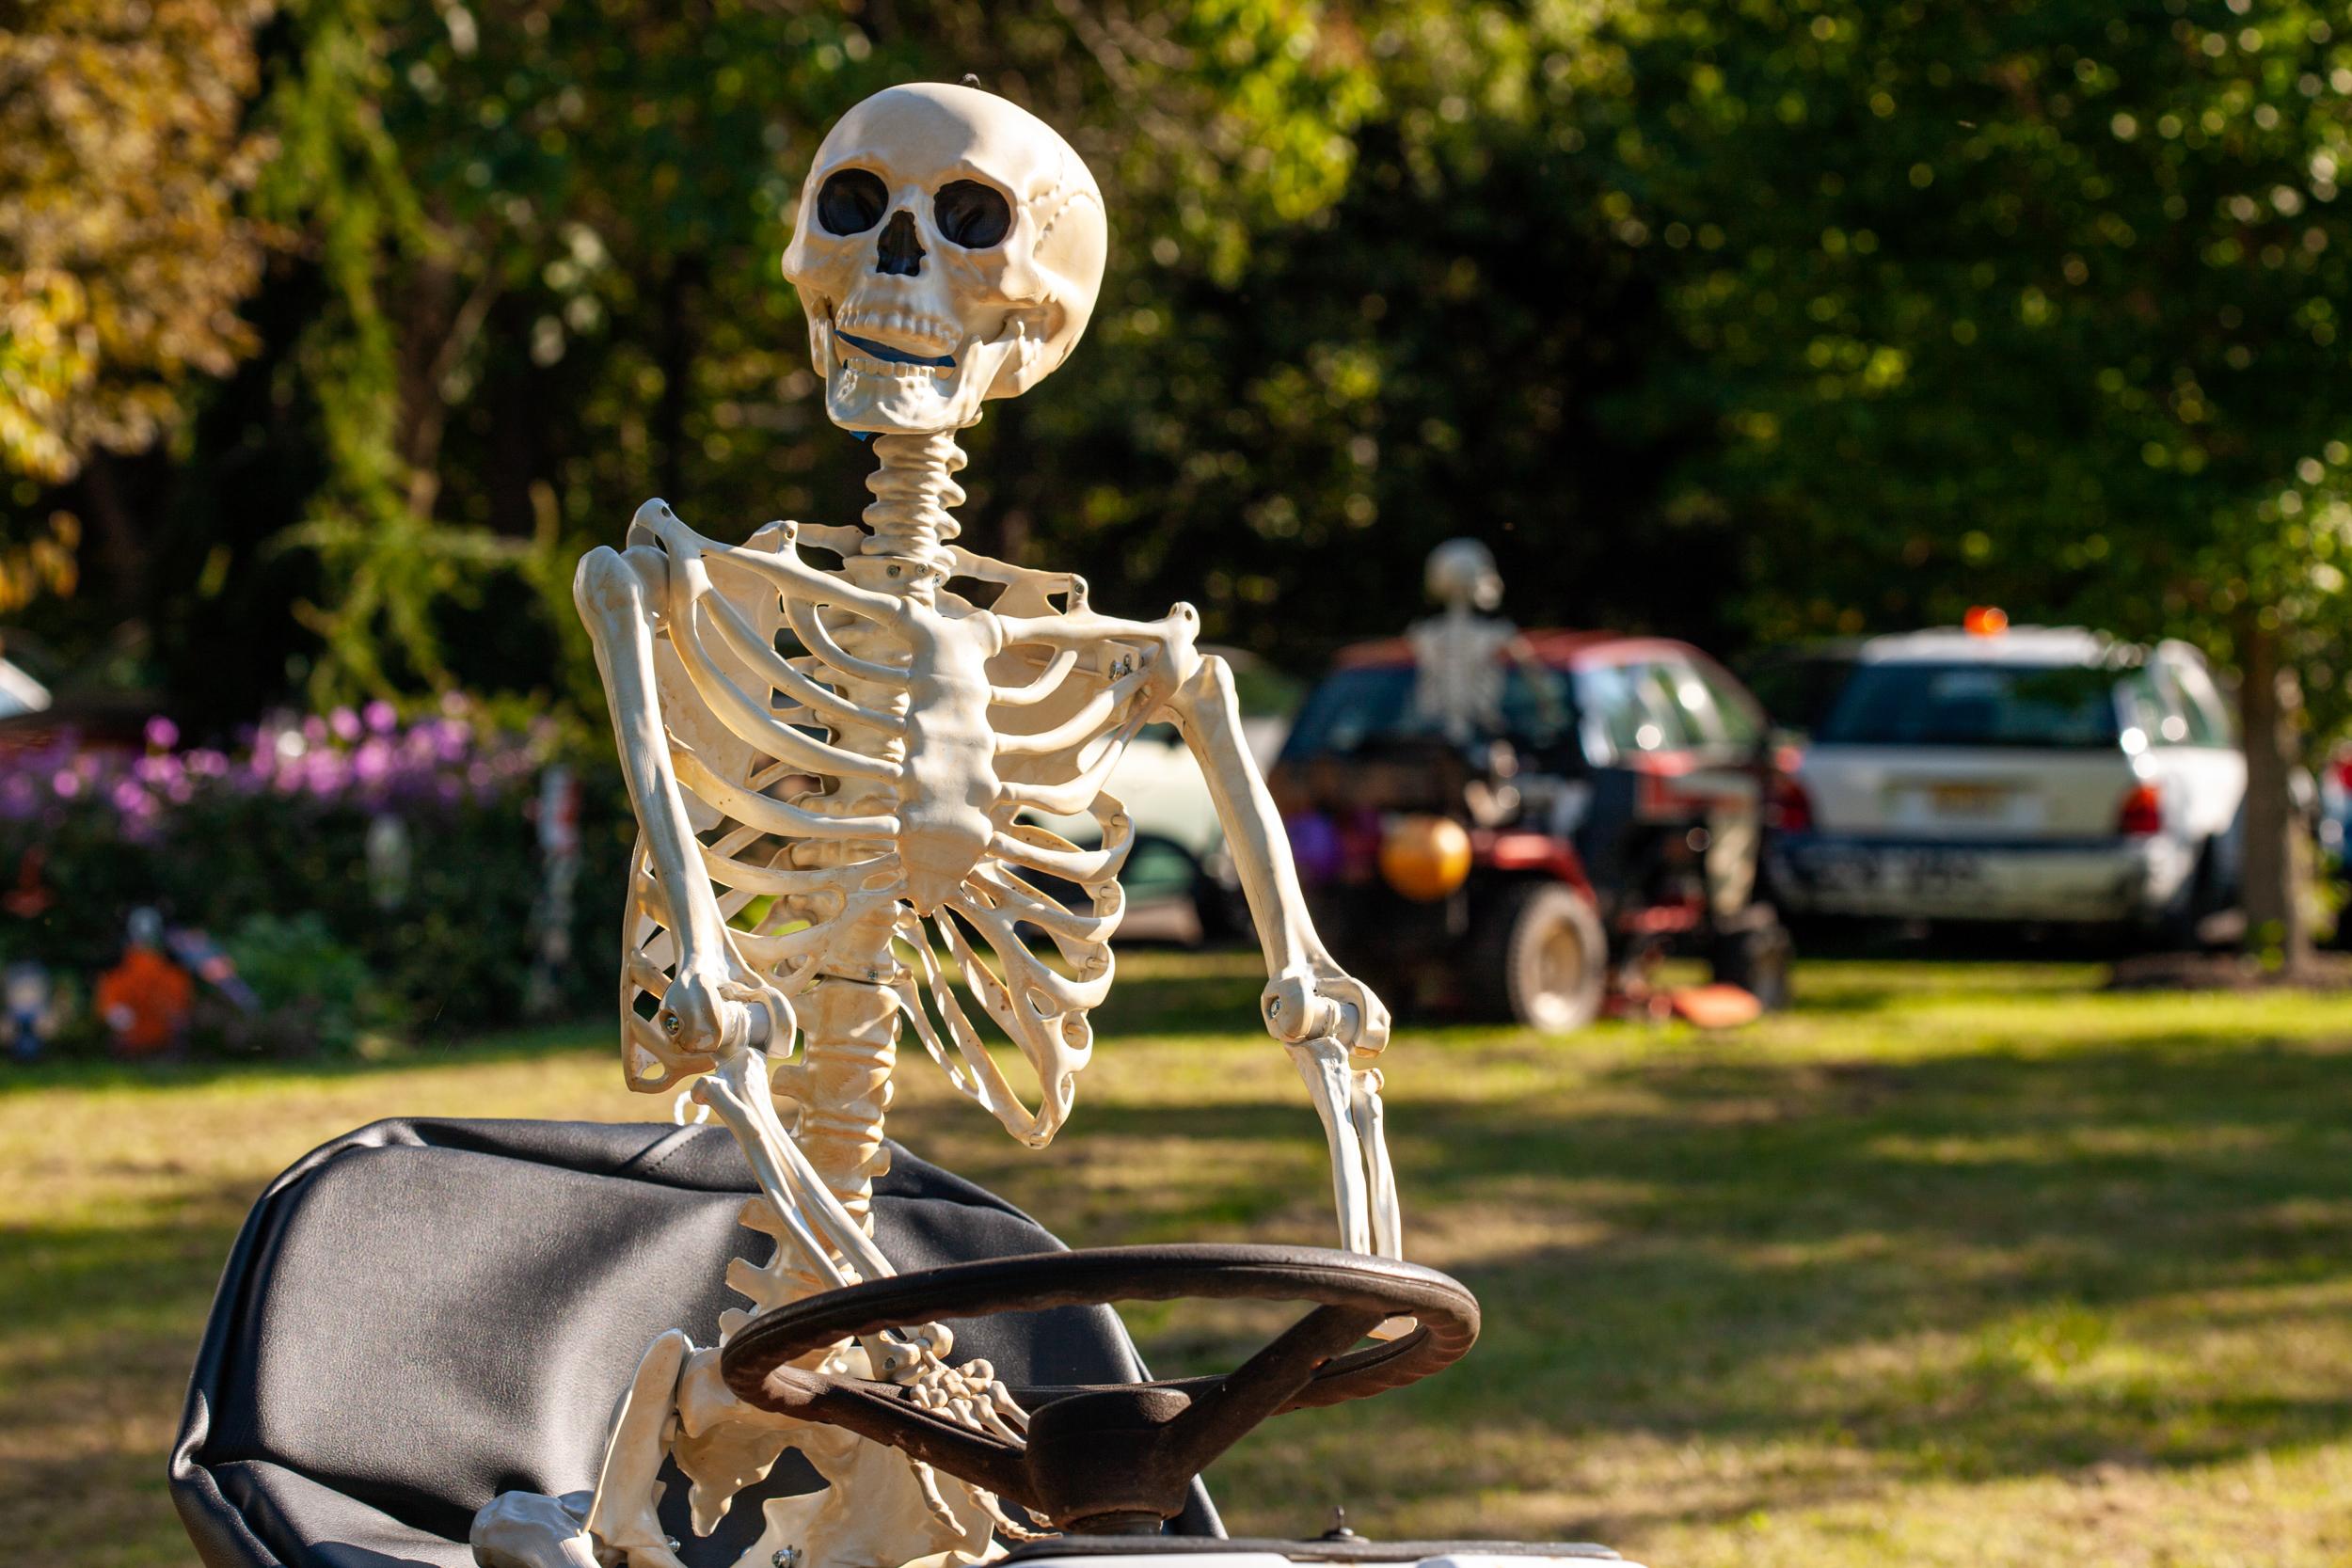 skeleton bones on riding lawn mower close